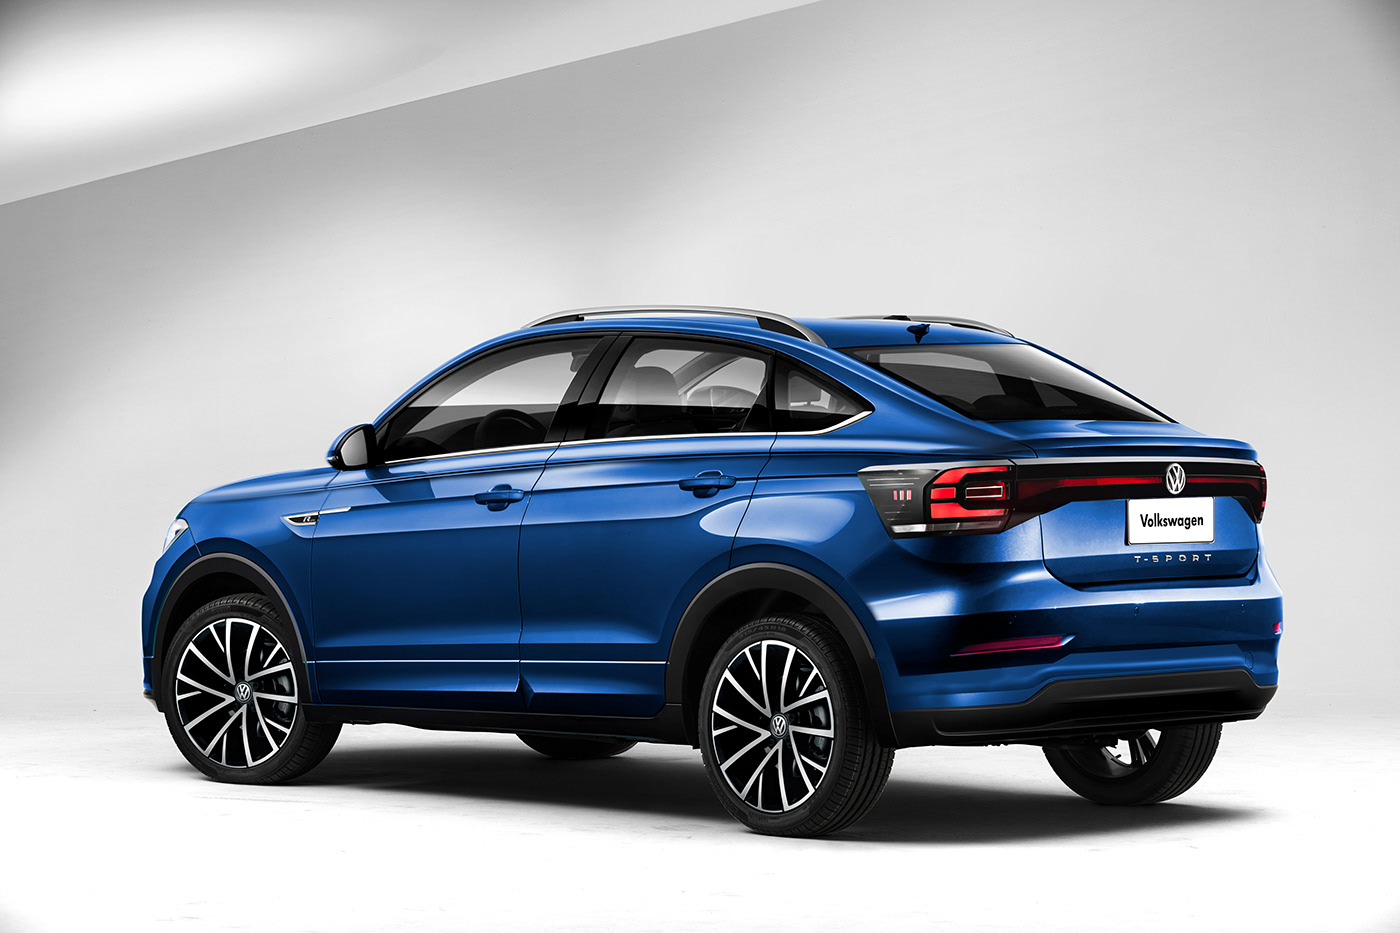 Volkswagen-T-Sport-R-Line-2021-2